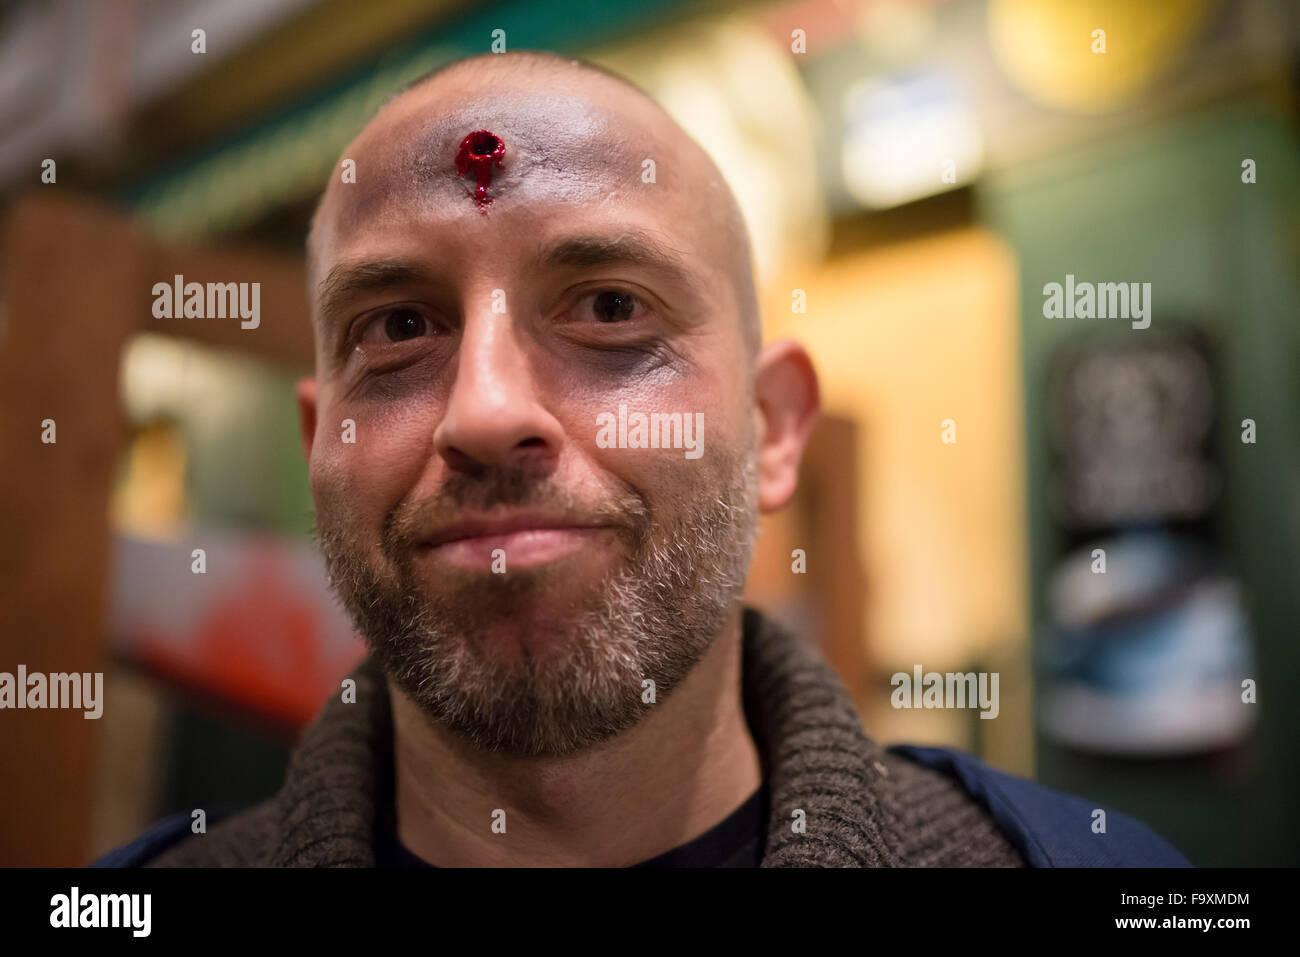 Bärtiger Mann mit gefälschten Schuss in seiner Stirn an Halloween Stockbild